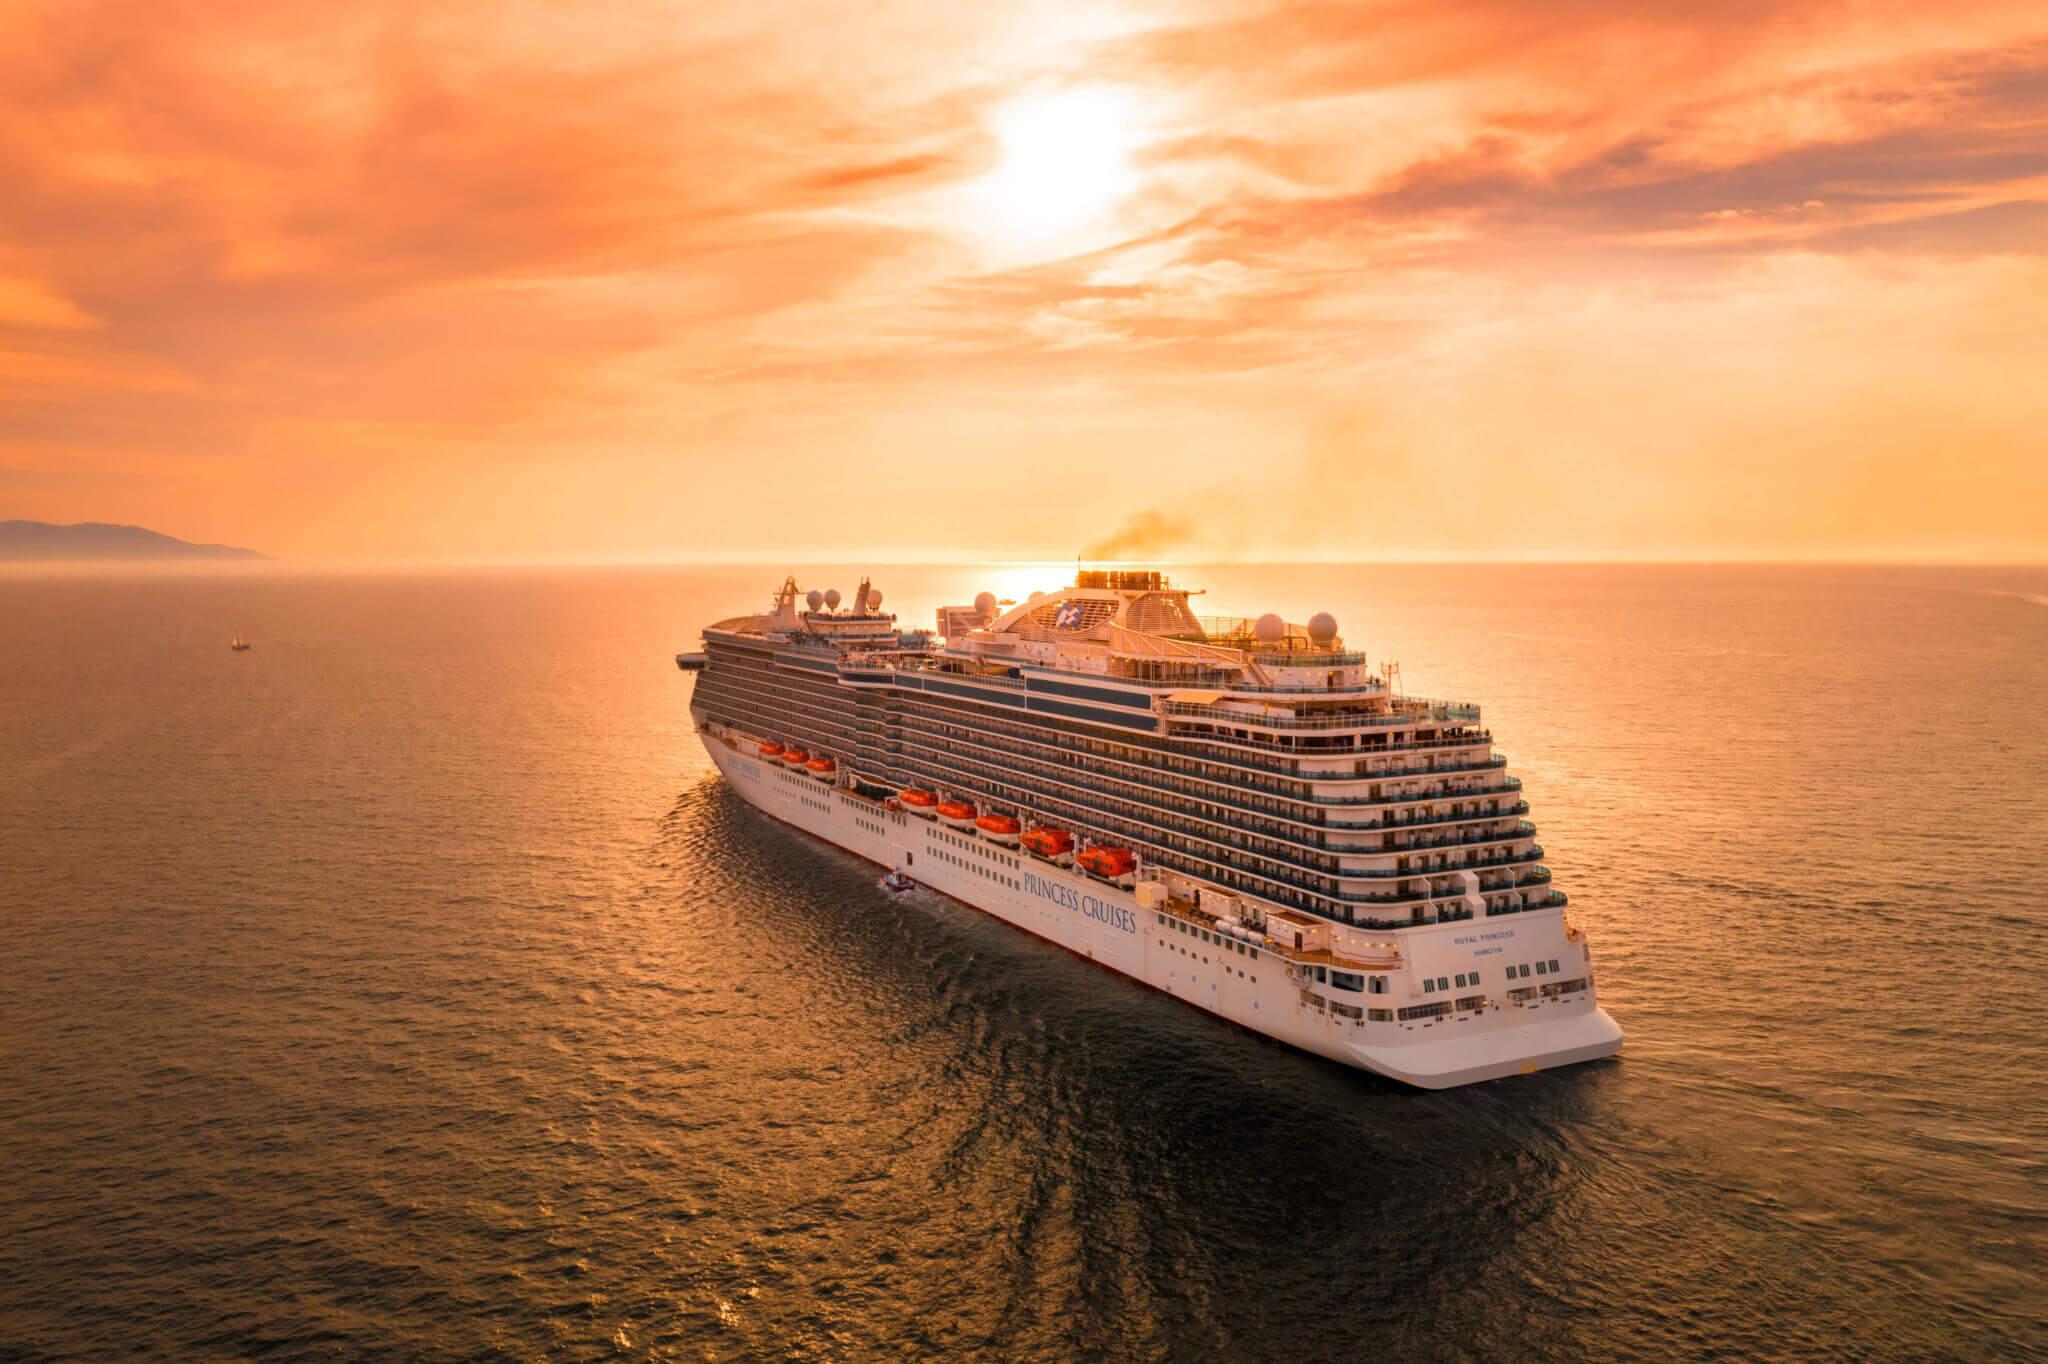 Правила безопасности на корабле